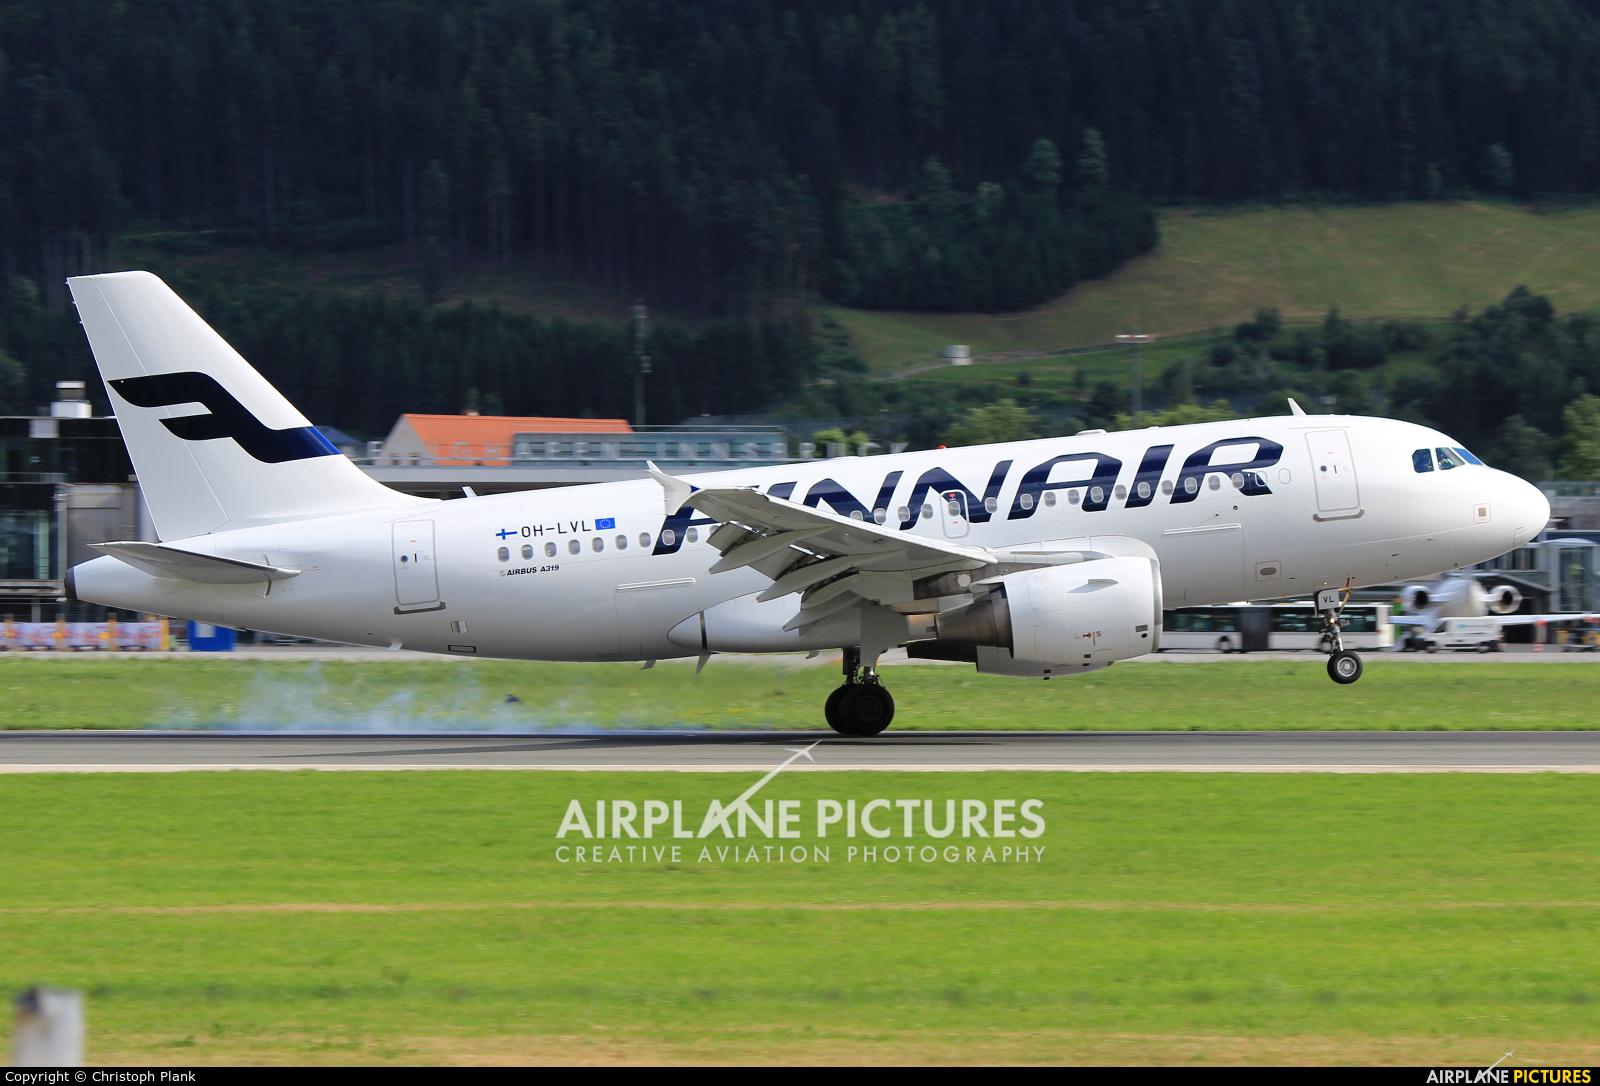 Finnair OH-LVL aircraft at Innsbruck